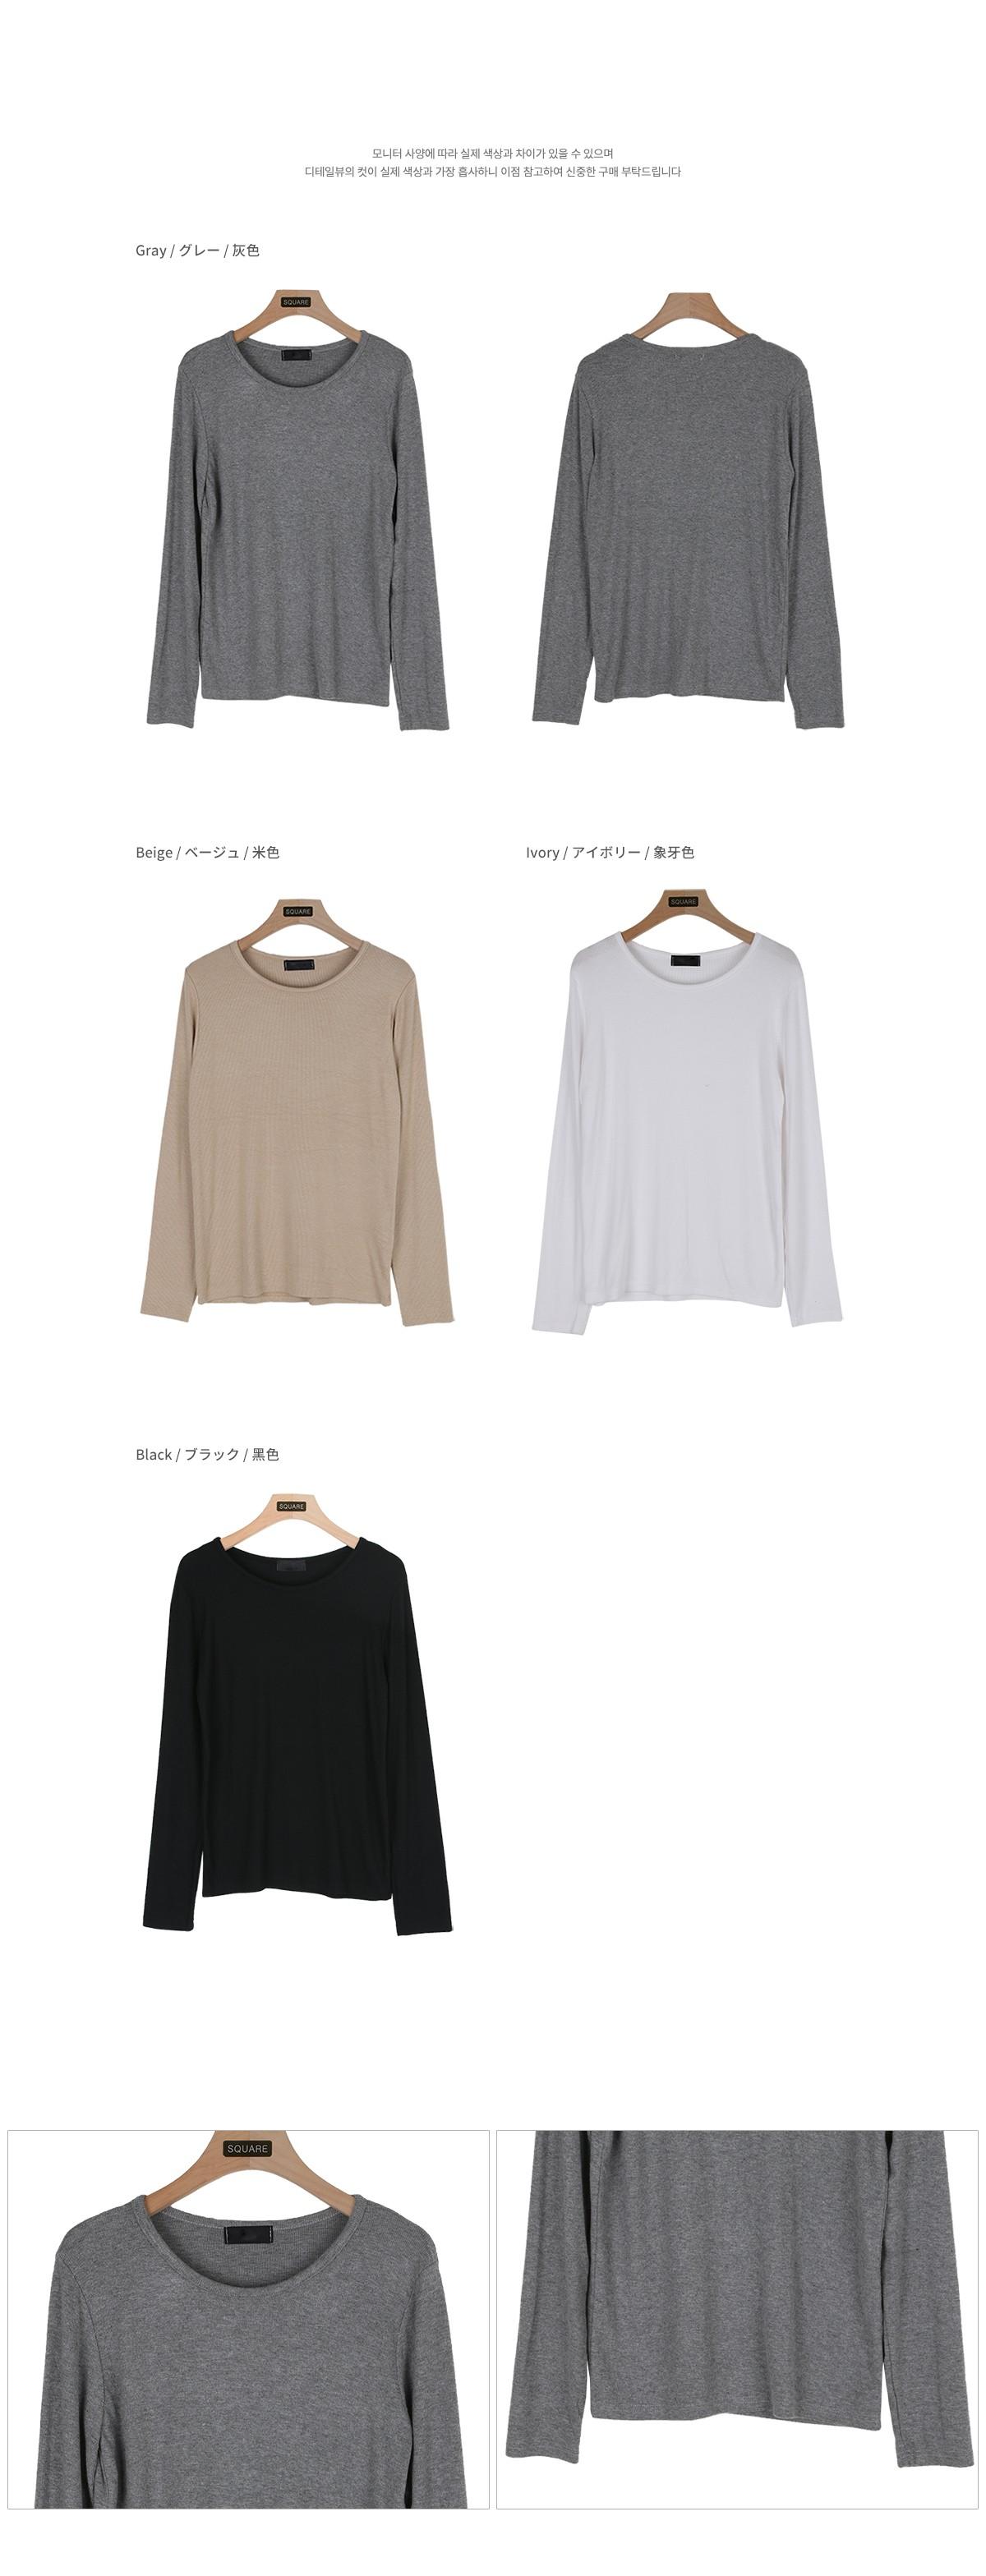 루즈 스판 티셔츠 (4color)